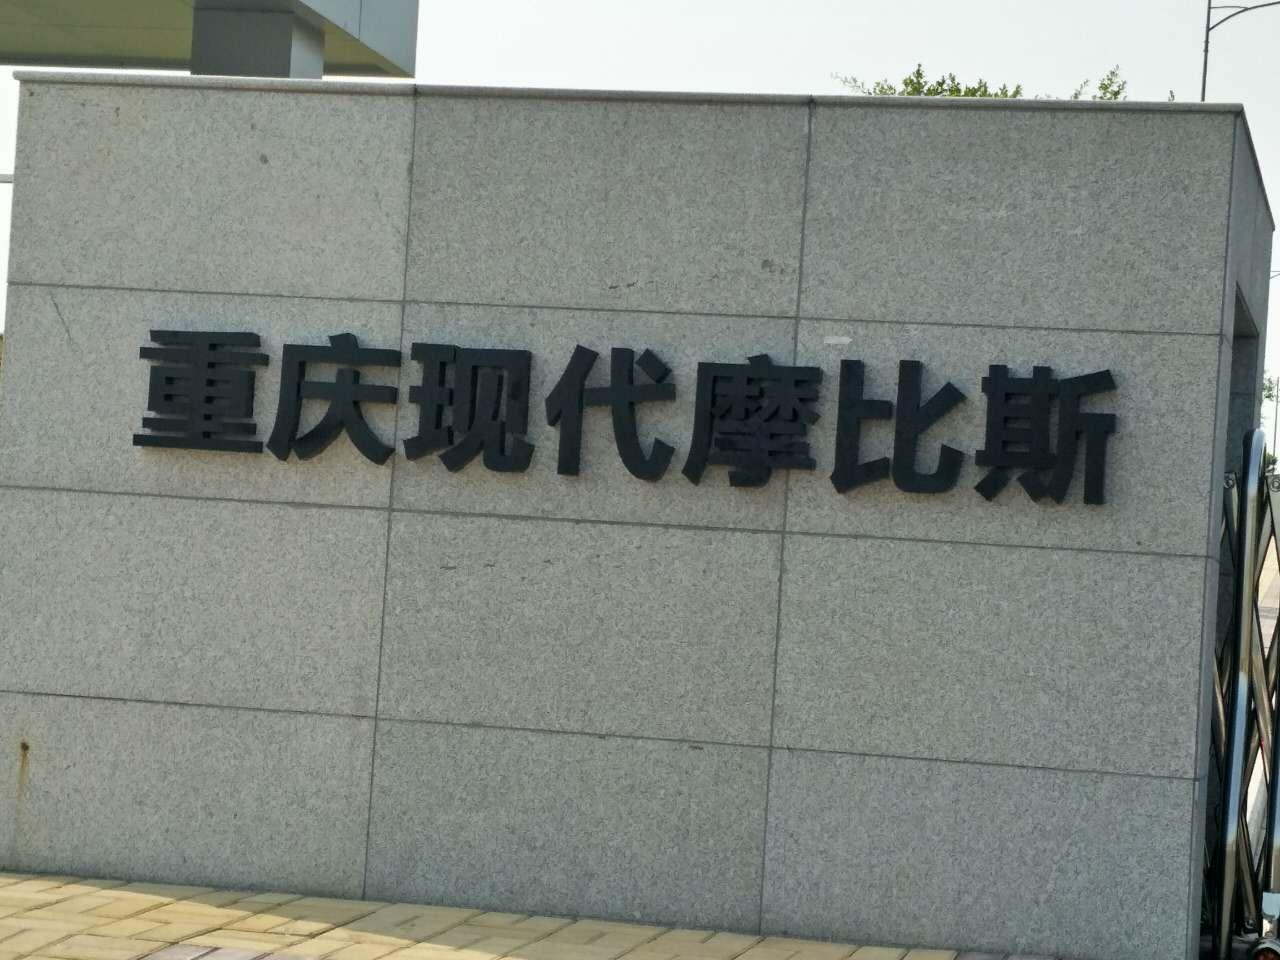 镀锌板平面字|镀锌板平面字-重庆金巨和文化传播有限公司